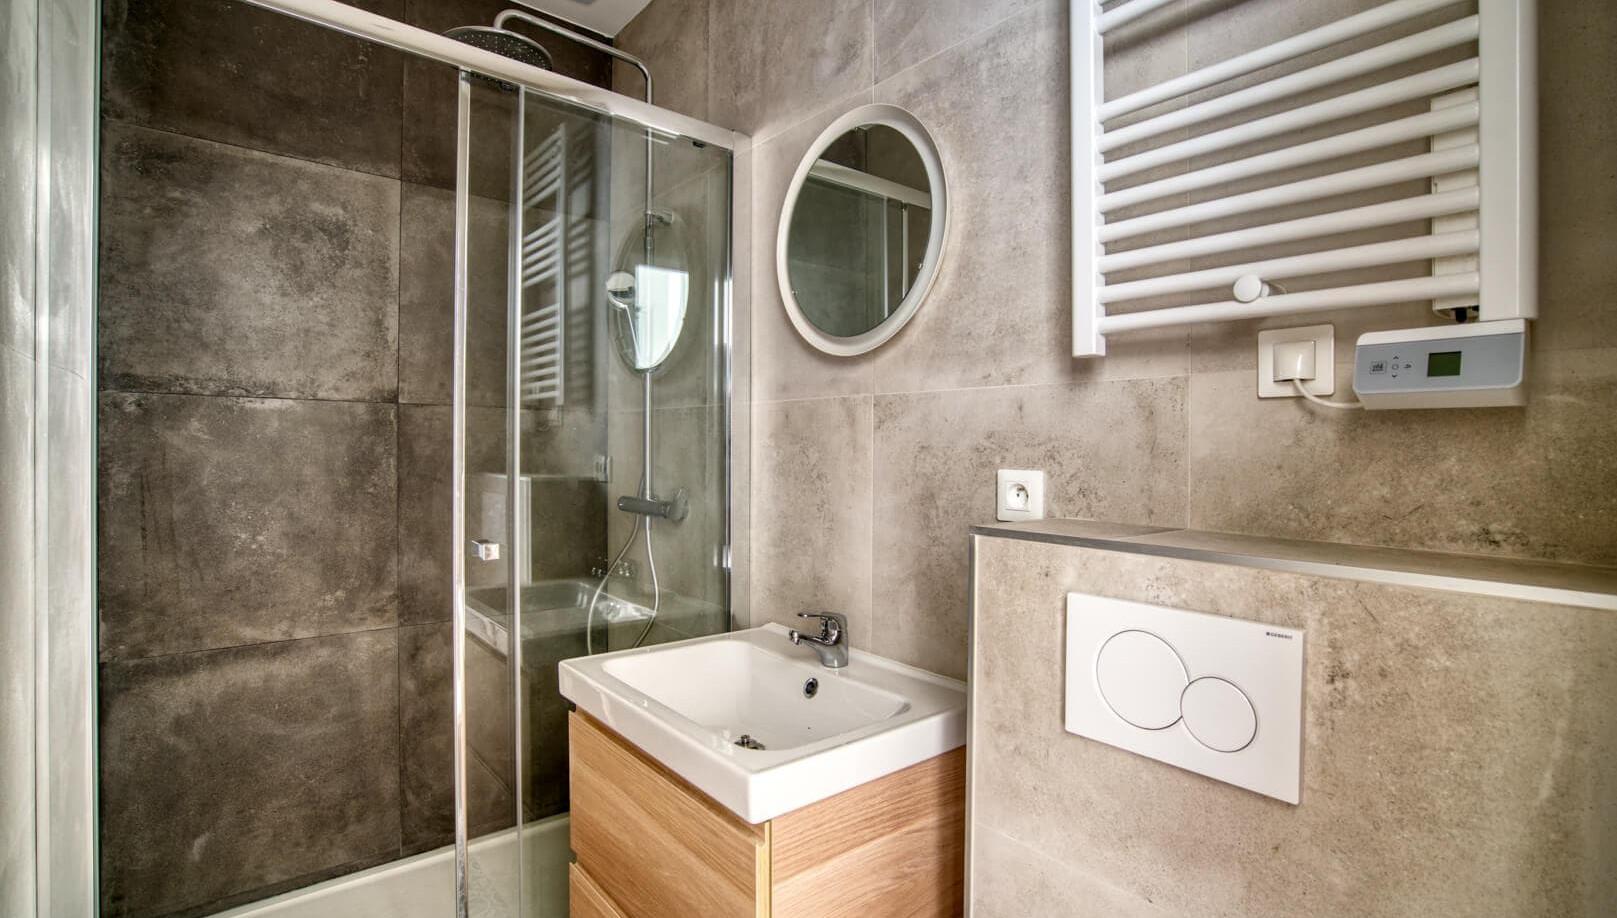 salle de bain amenagement tendance renovation appartement travaux-decoration lyon architecte intérieur studiolb lisa bronsztejn natural colors